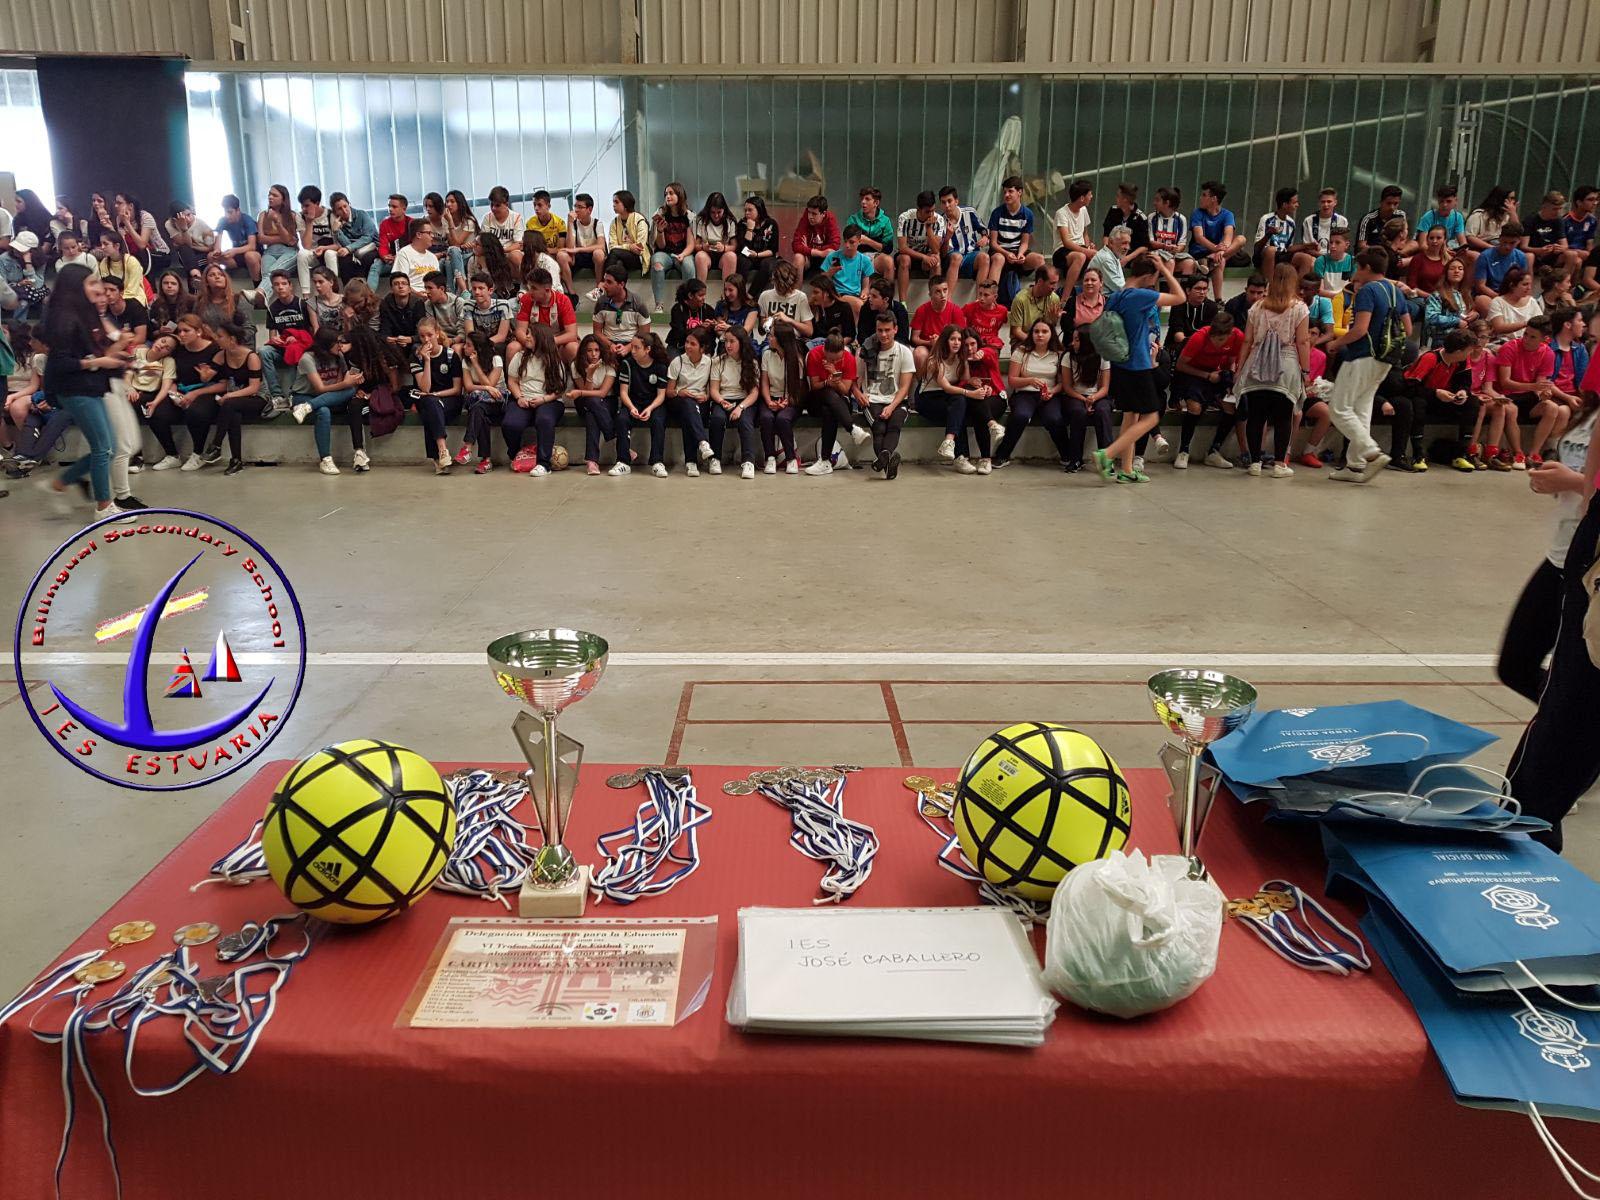 VI Torneo Solidario de Fútbol